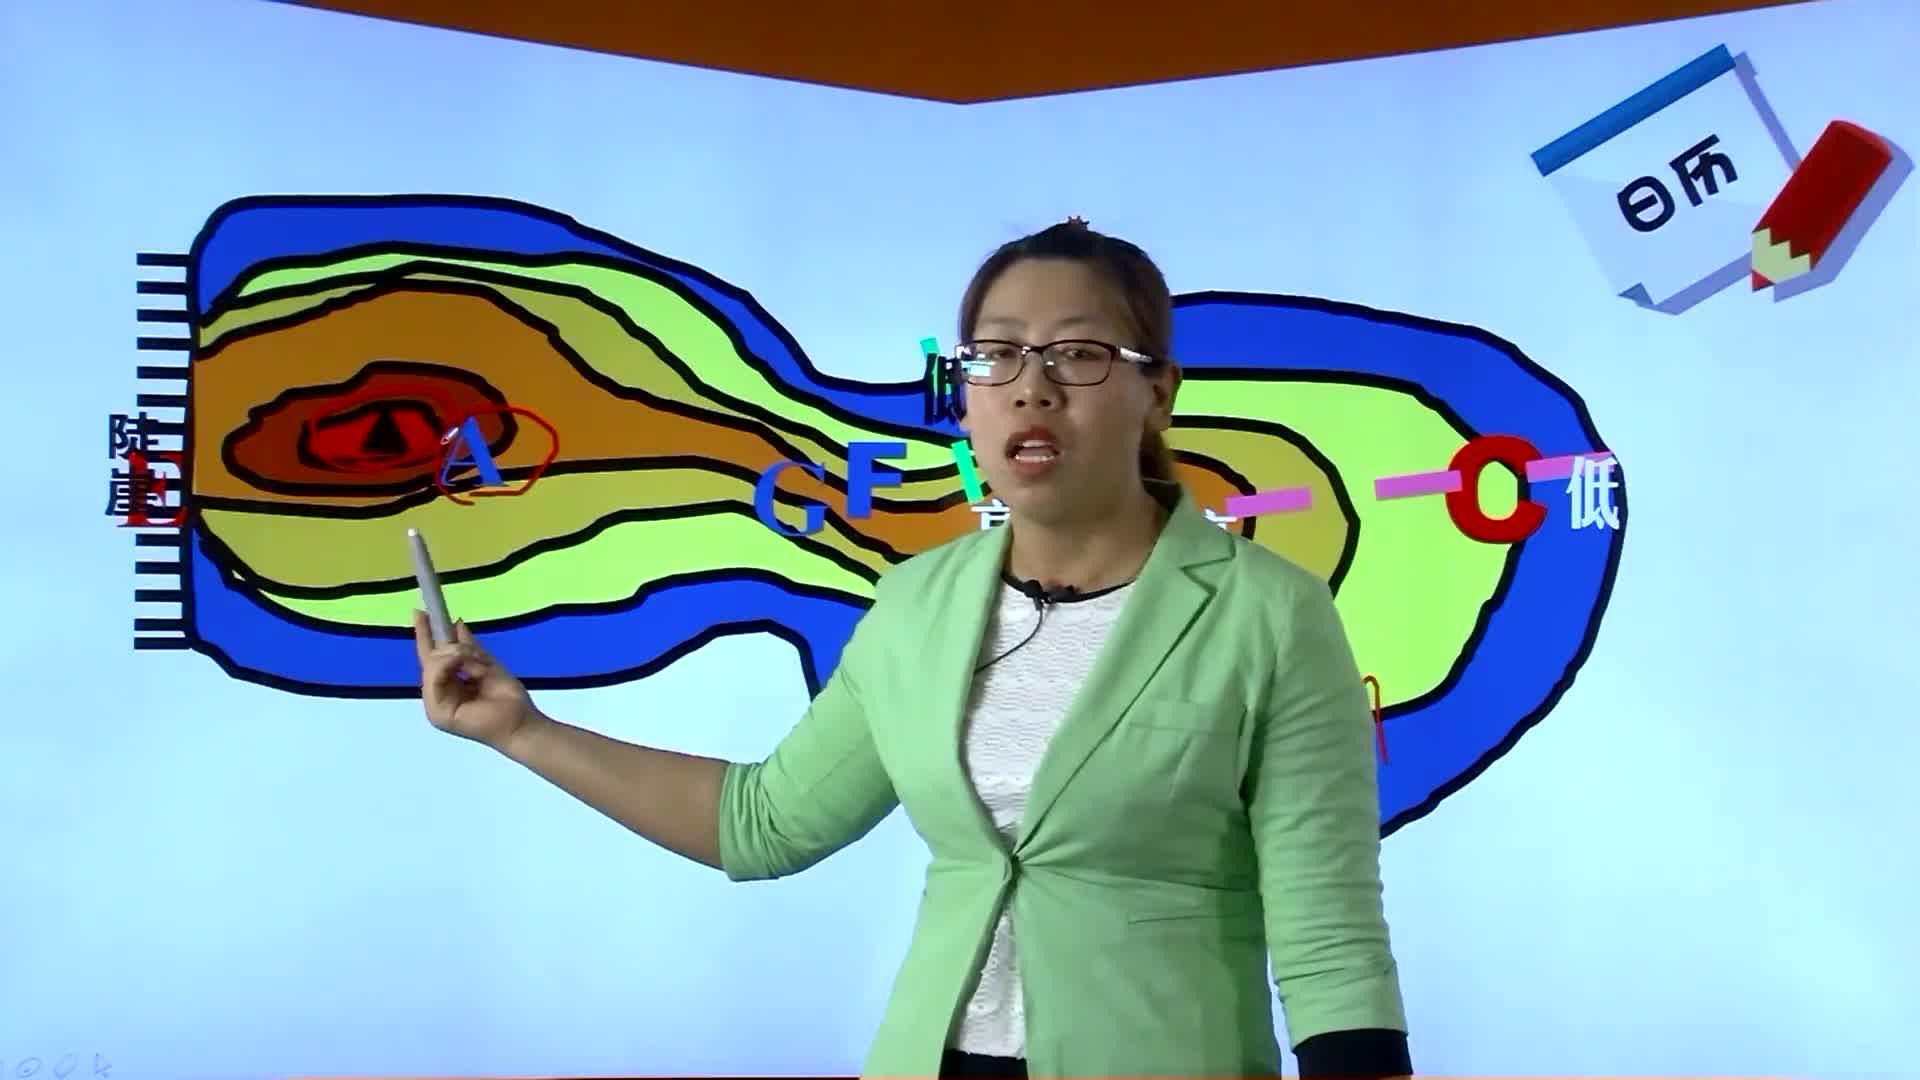 人教版 高中地理 等高线与地形剖面图2-地形图解读(孙晓丽)